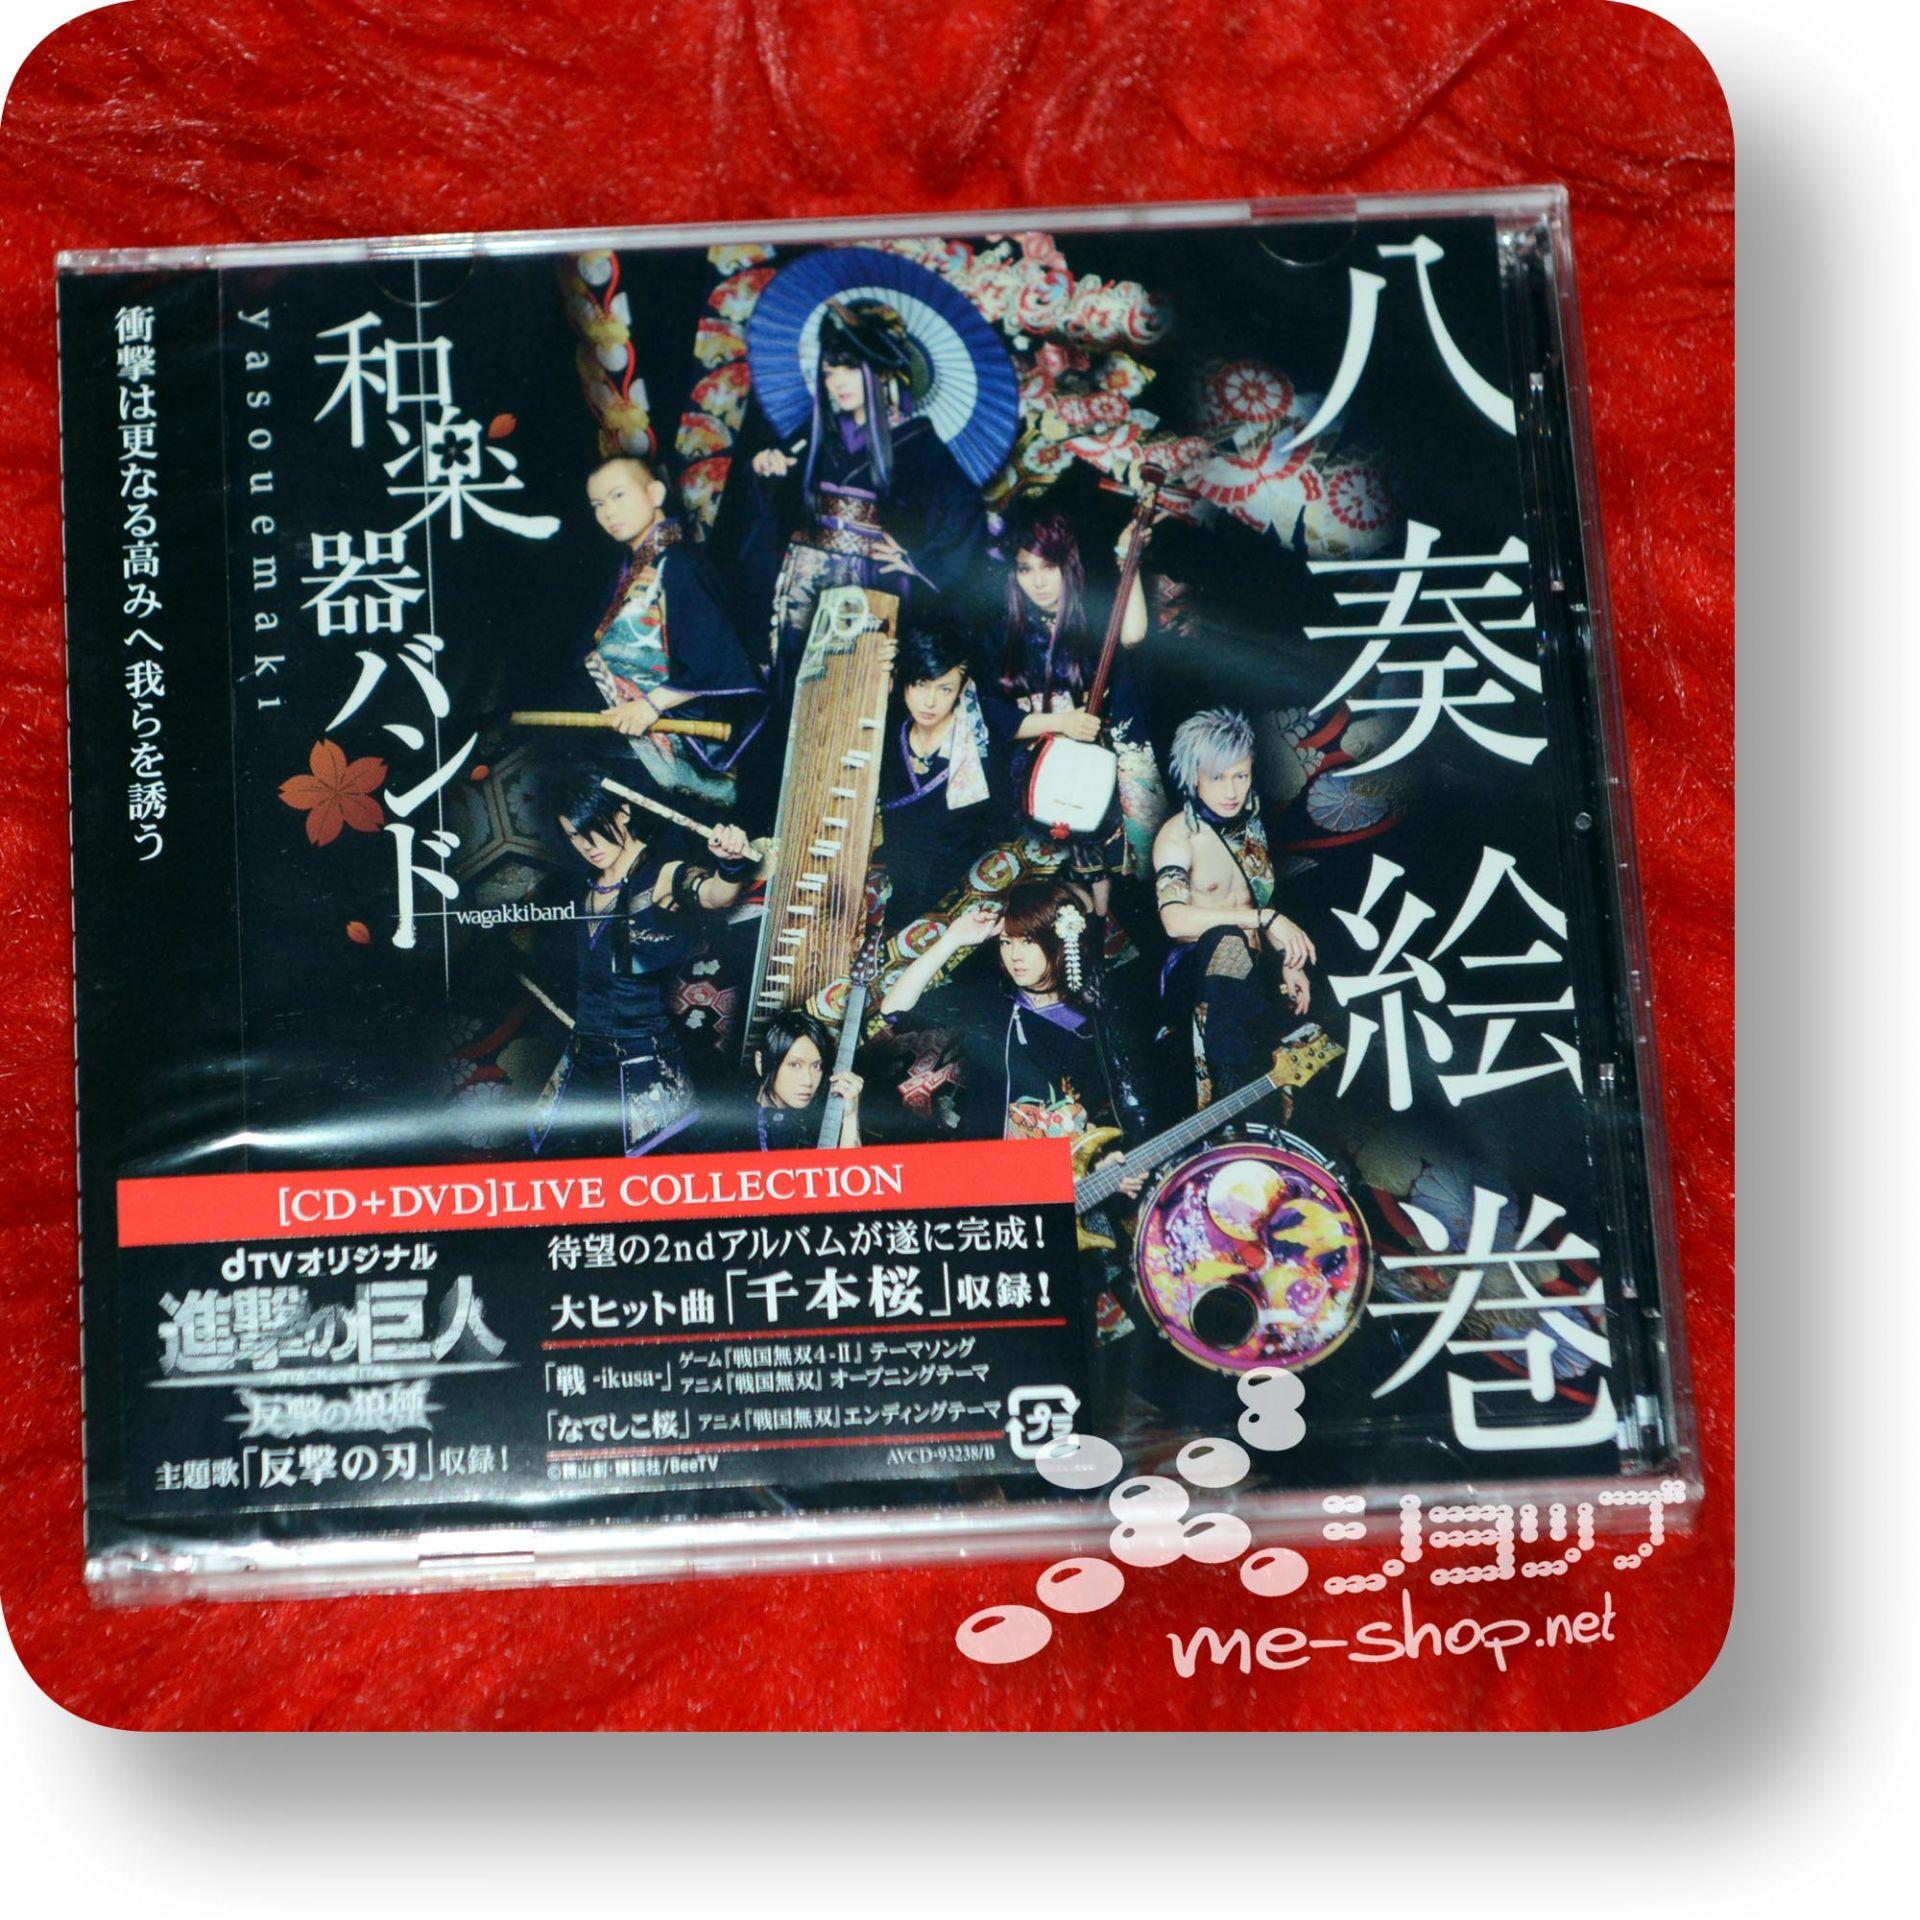 wagakki band yasouemaki cd+dvd live1